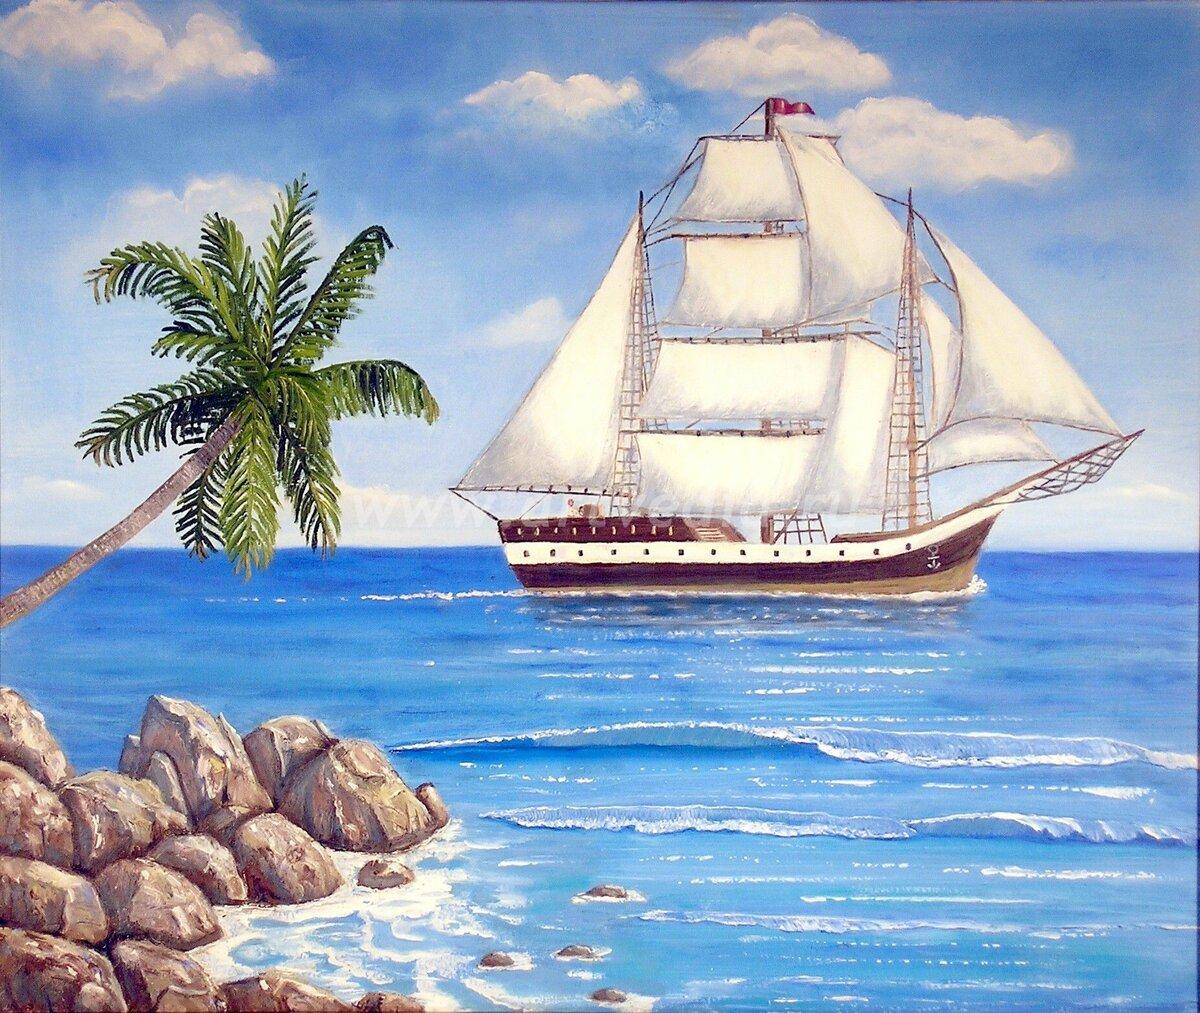 Картинки с изображением кораблей и моря